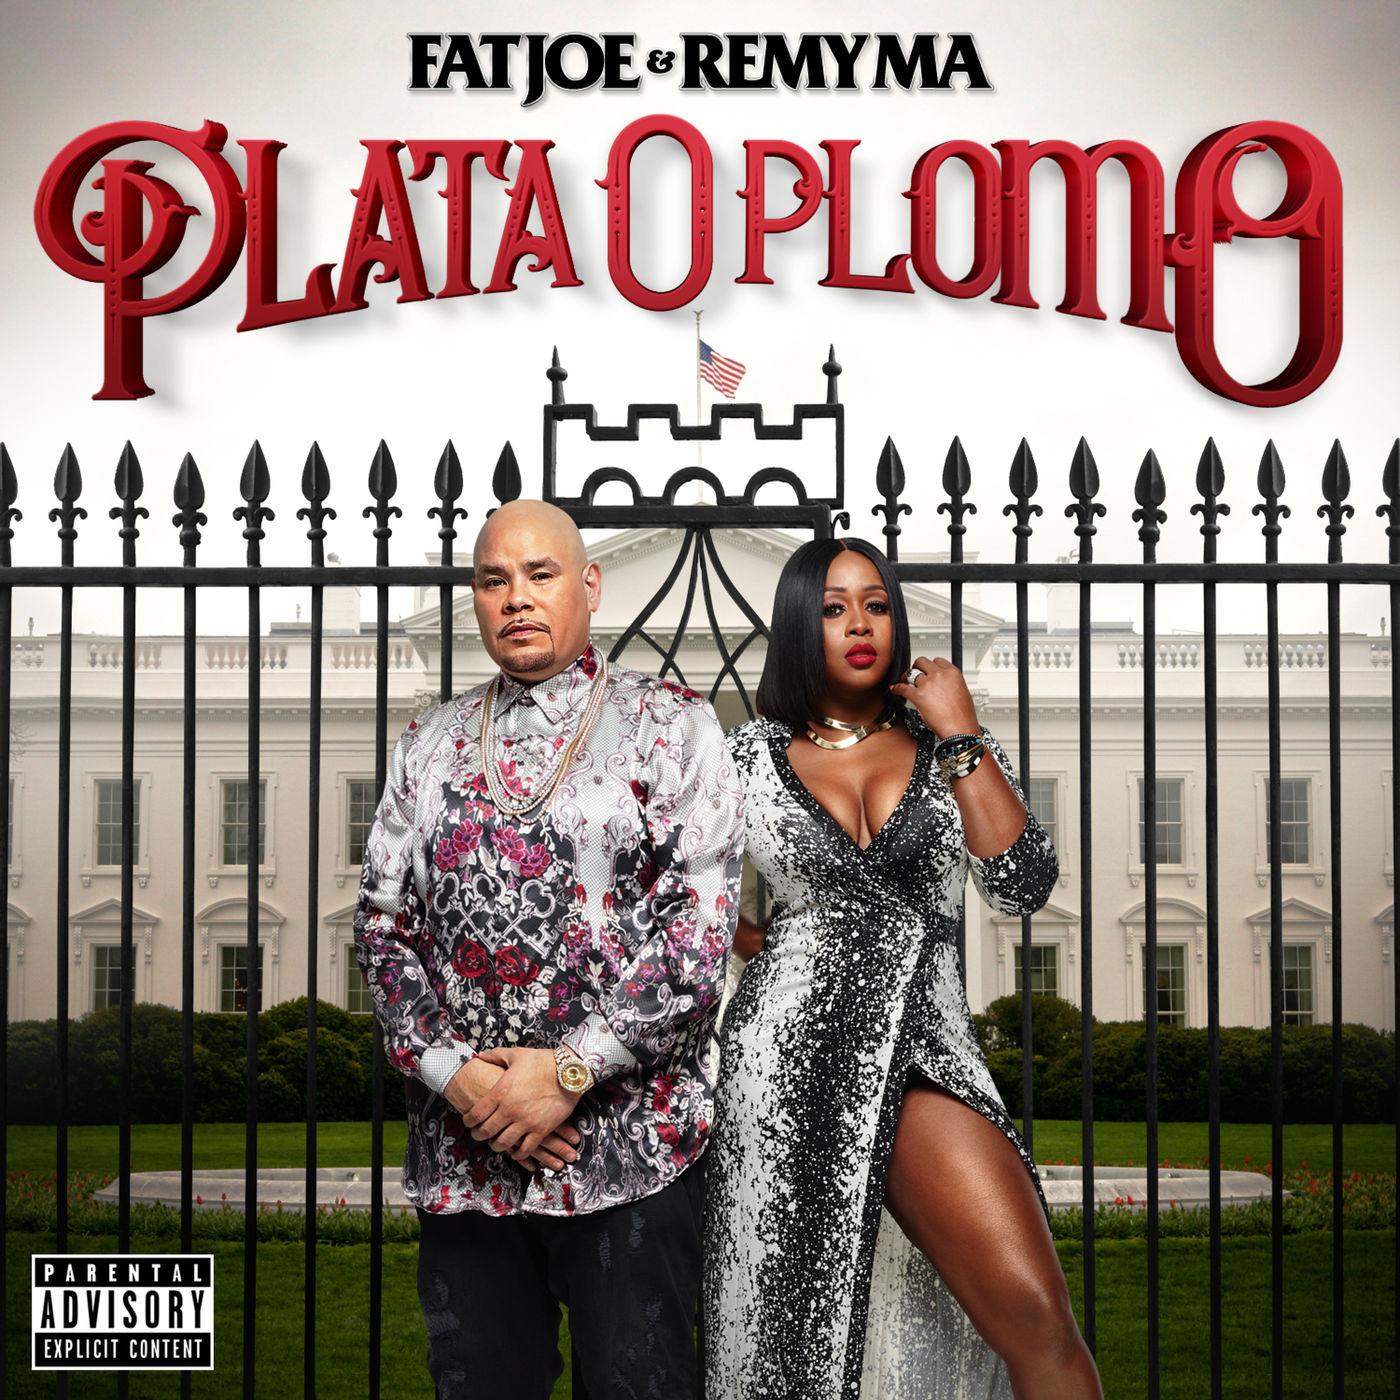 Fat Joe & Remy Ma - Plata O Plomo Cover